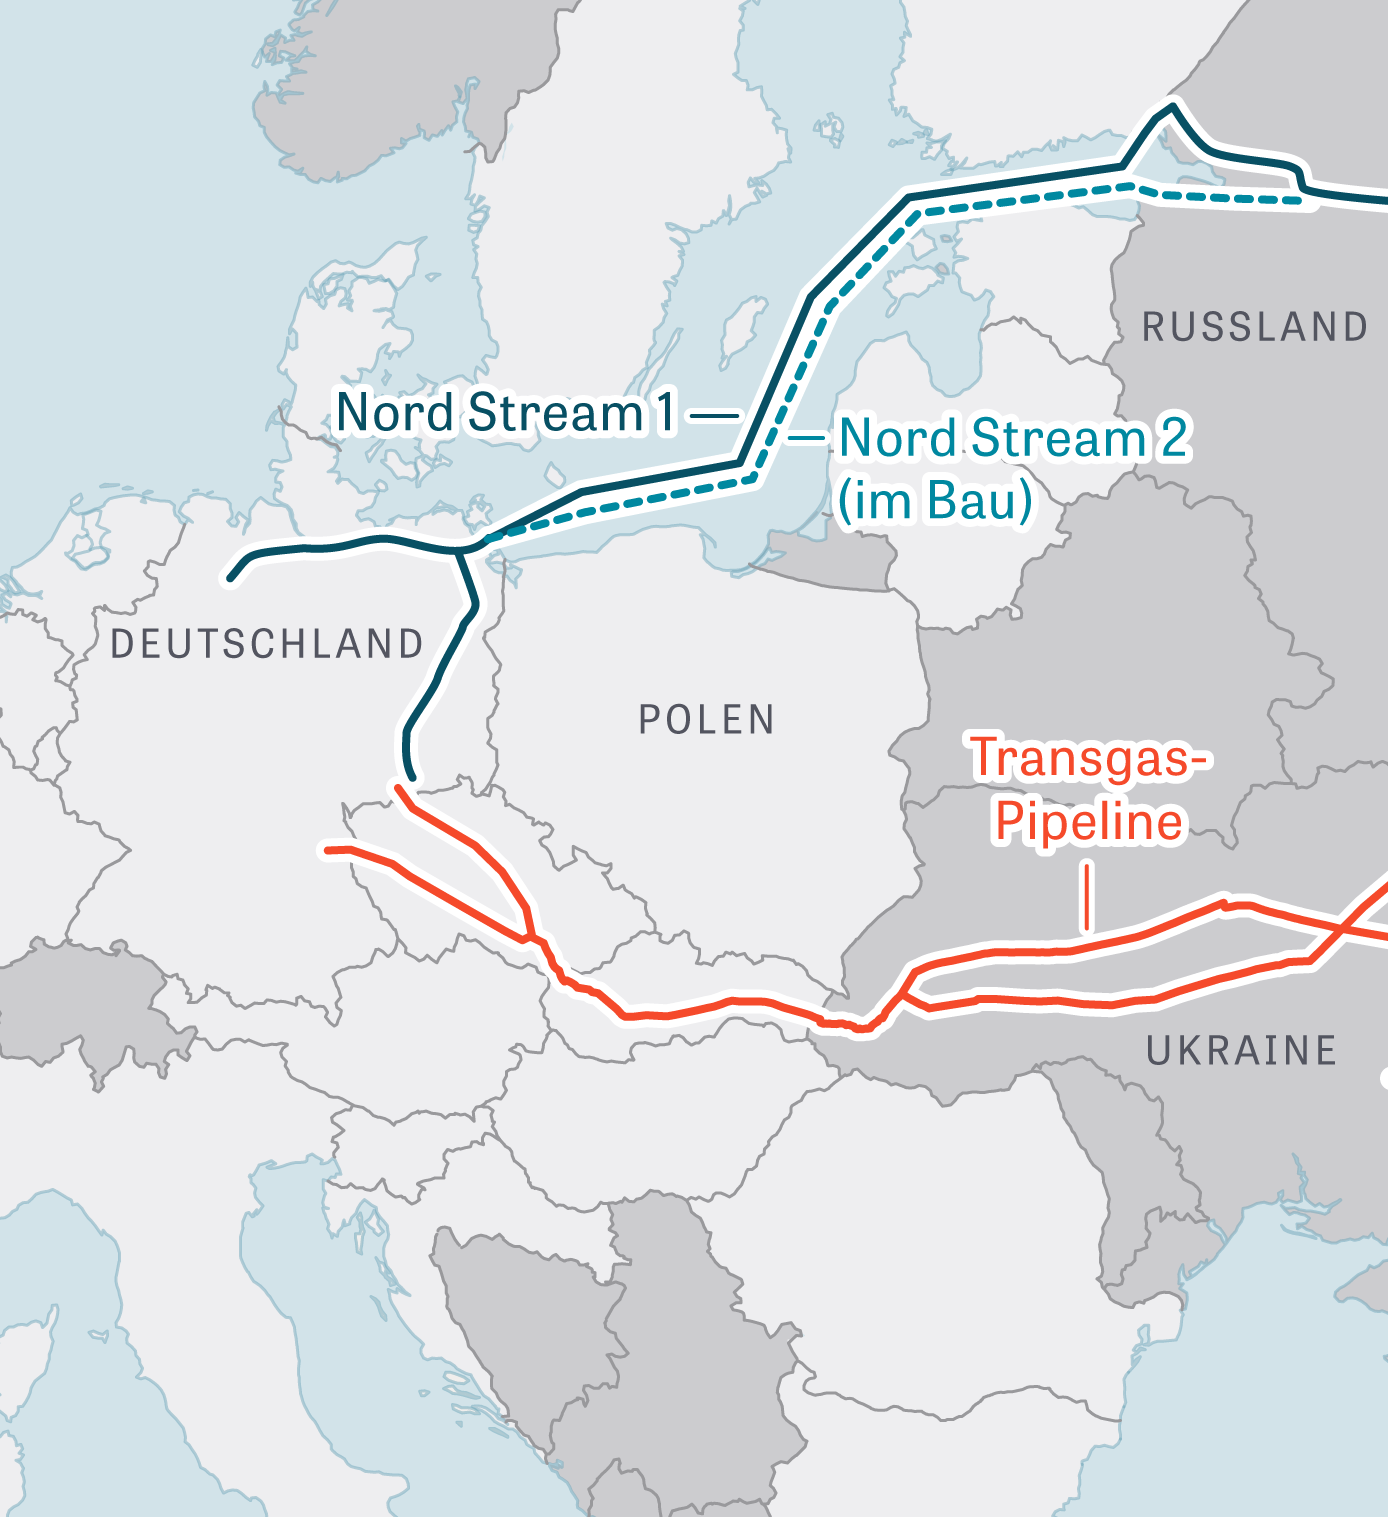 Nord Stream 2 Karte.Nord Stream 2 Eu Staaten Einigen Sich Im Gasstreit Zeit